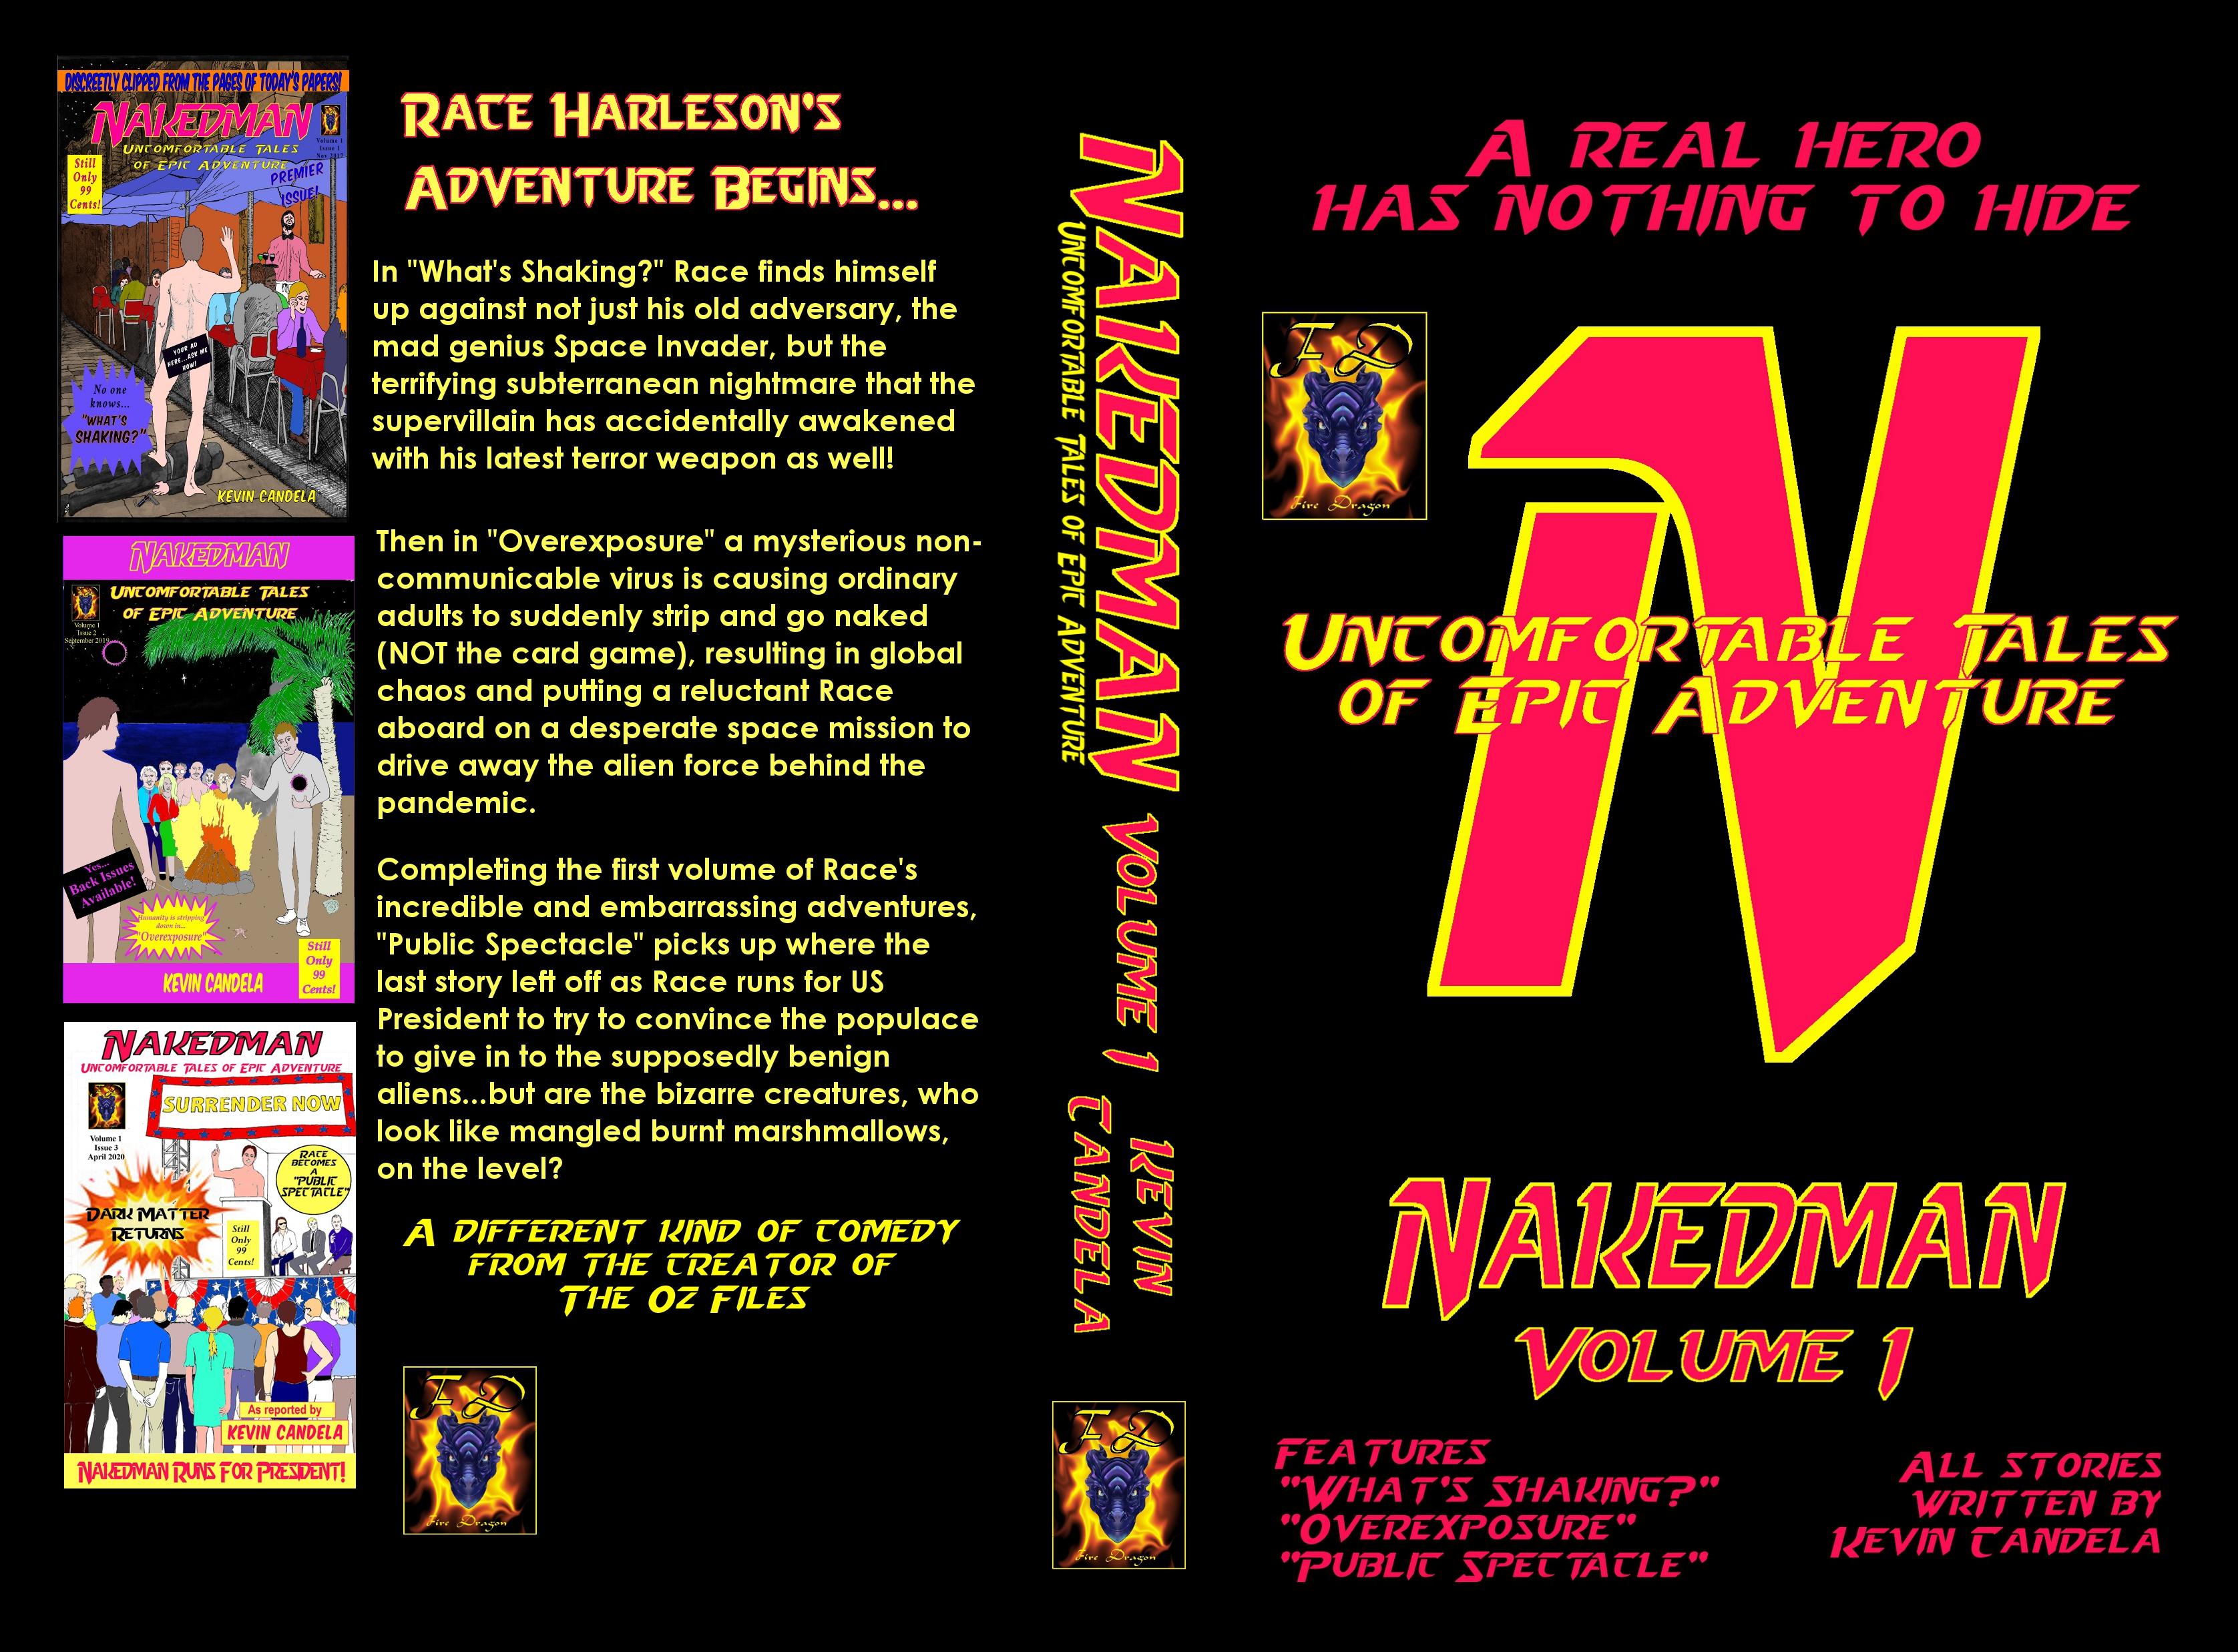 Nakedman Volume 1 Cover Wrap for Print.jpg